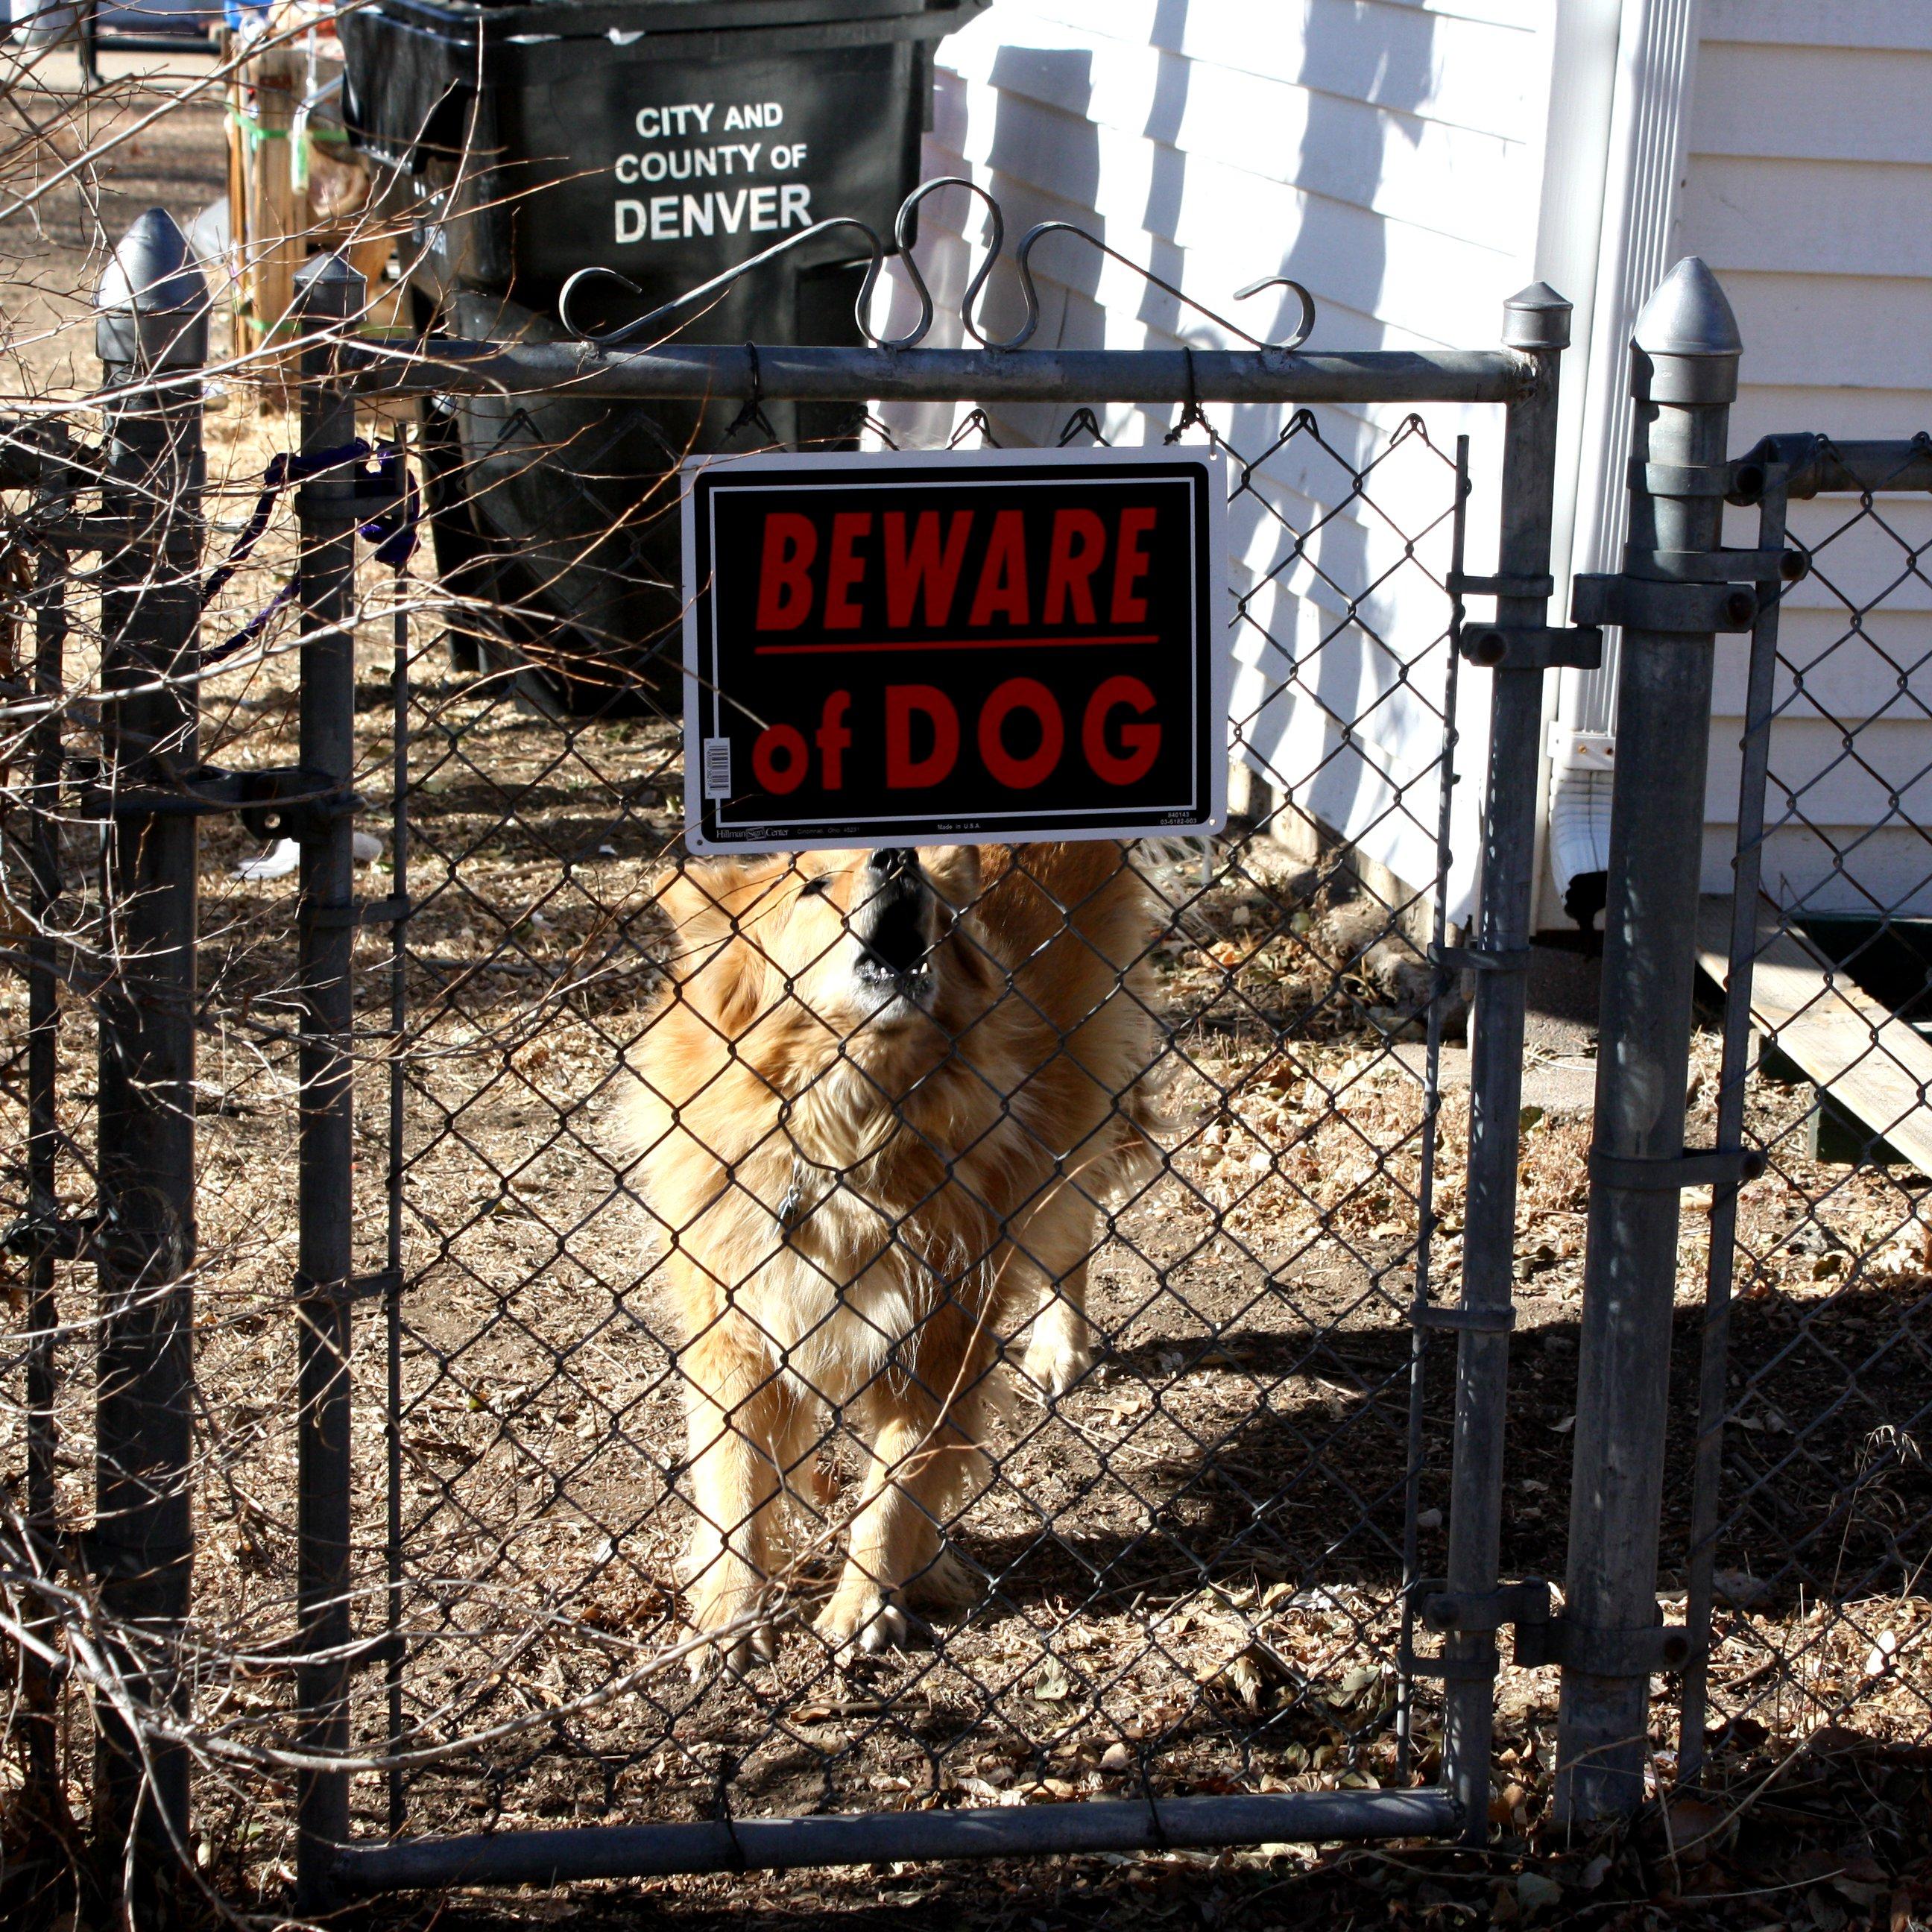 Barking Dog Beware Sign